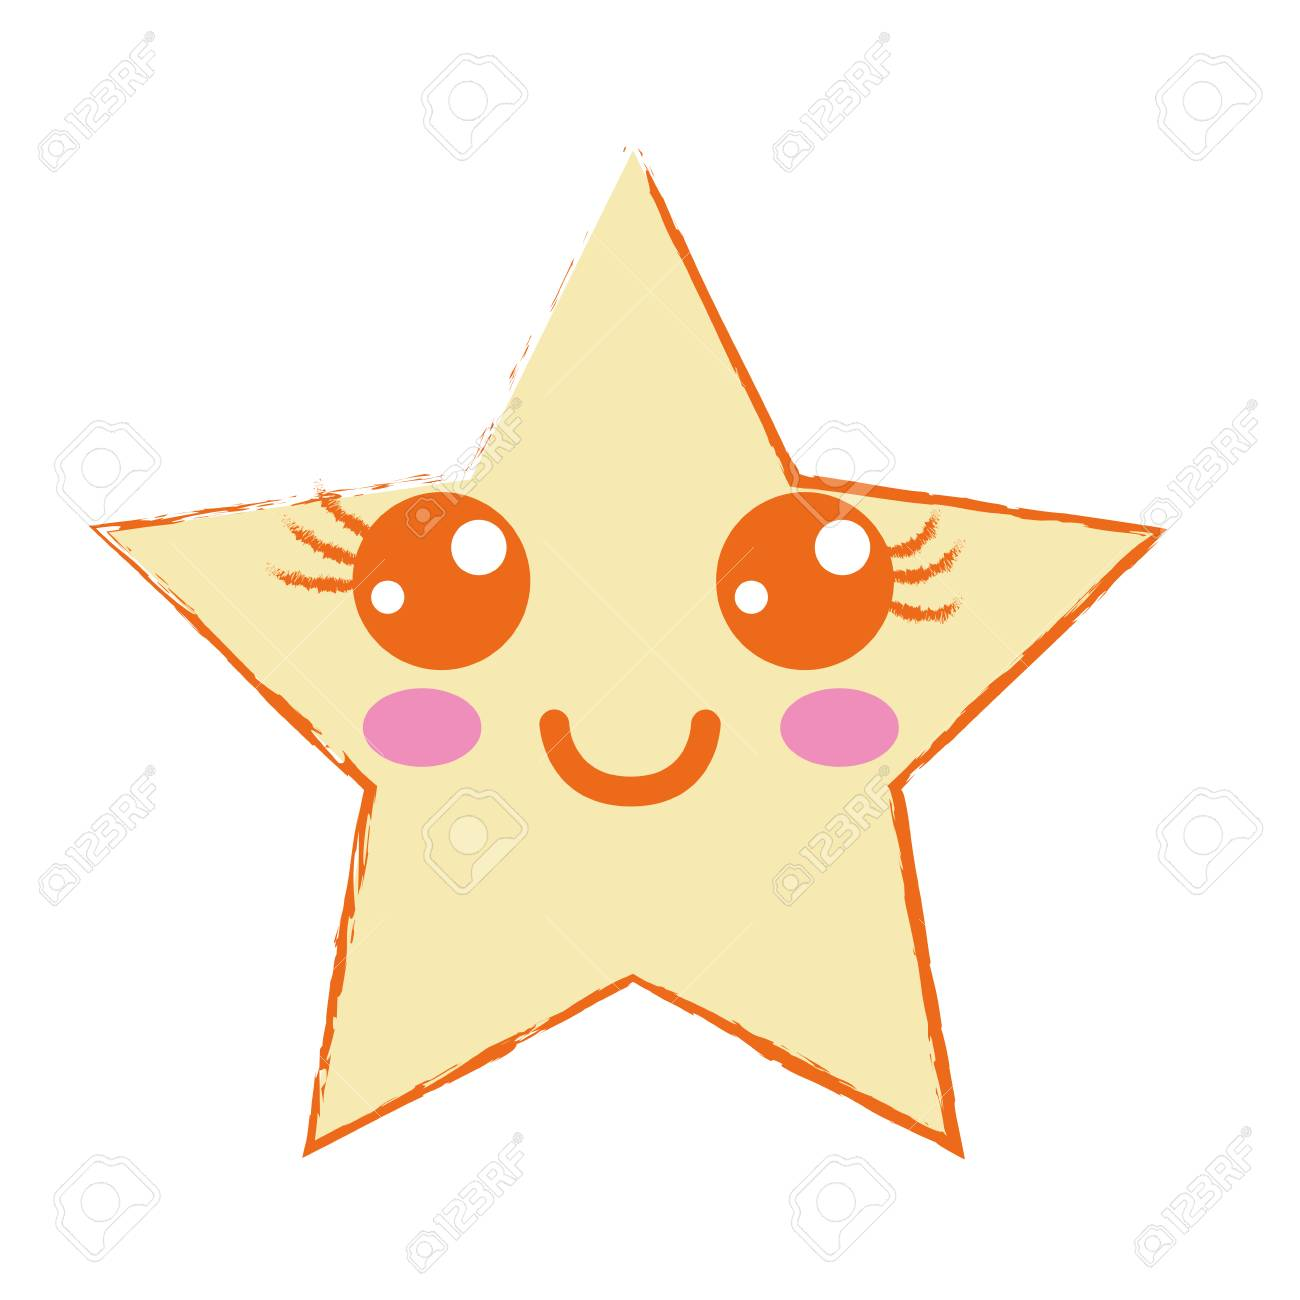 かわいい幸せ星キラキラ ベクトル イラストのイラスト素材ベクタ